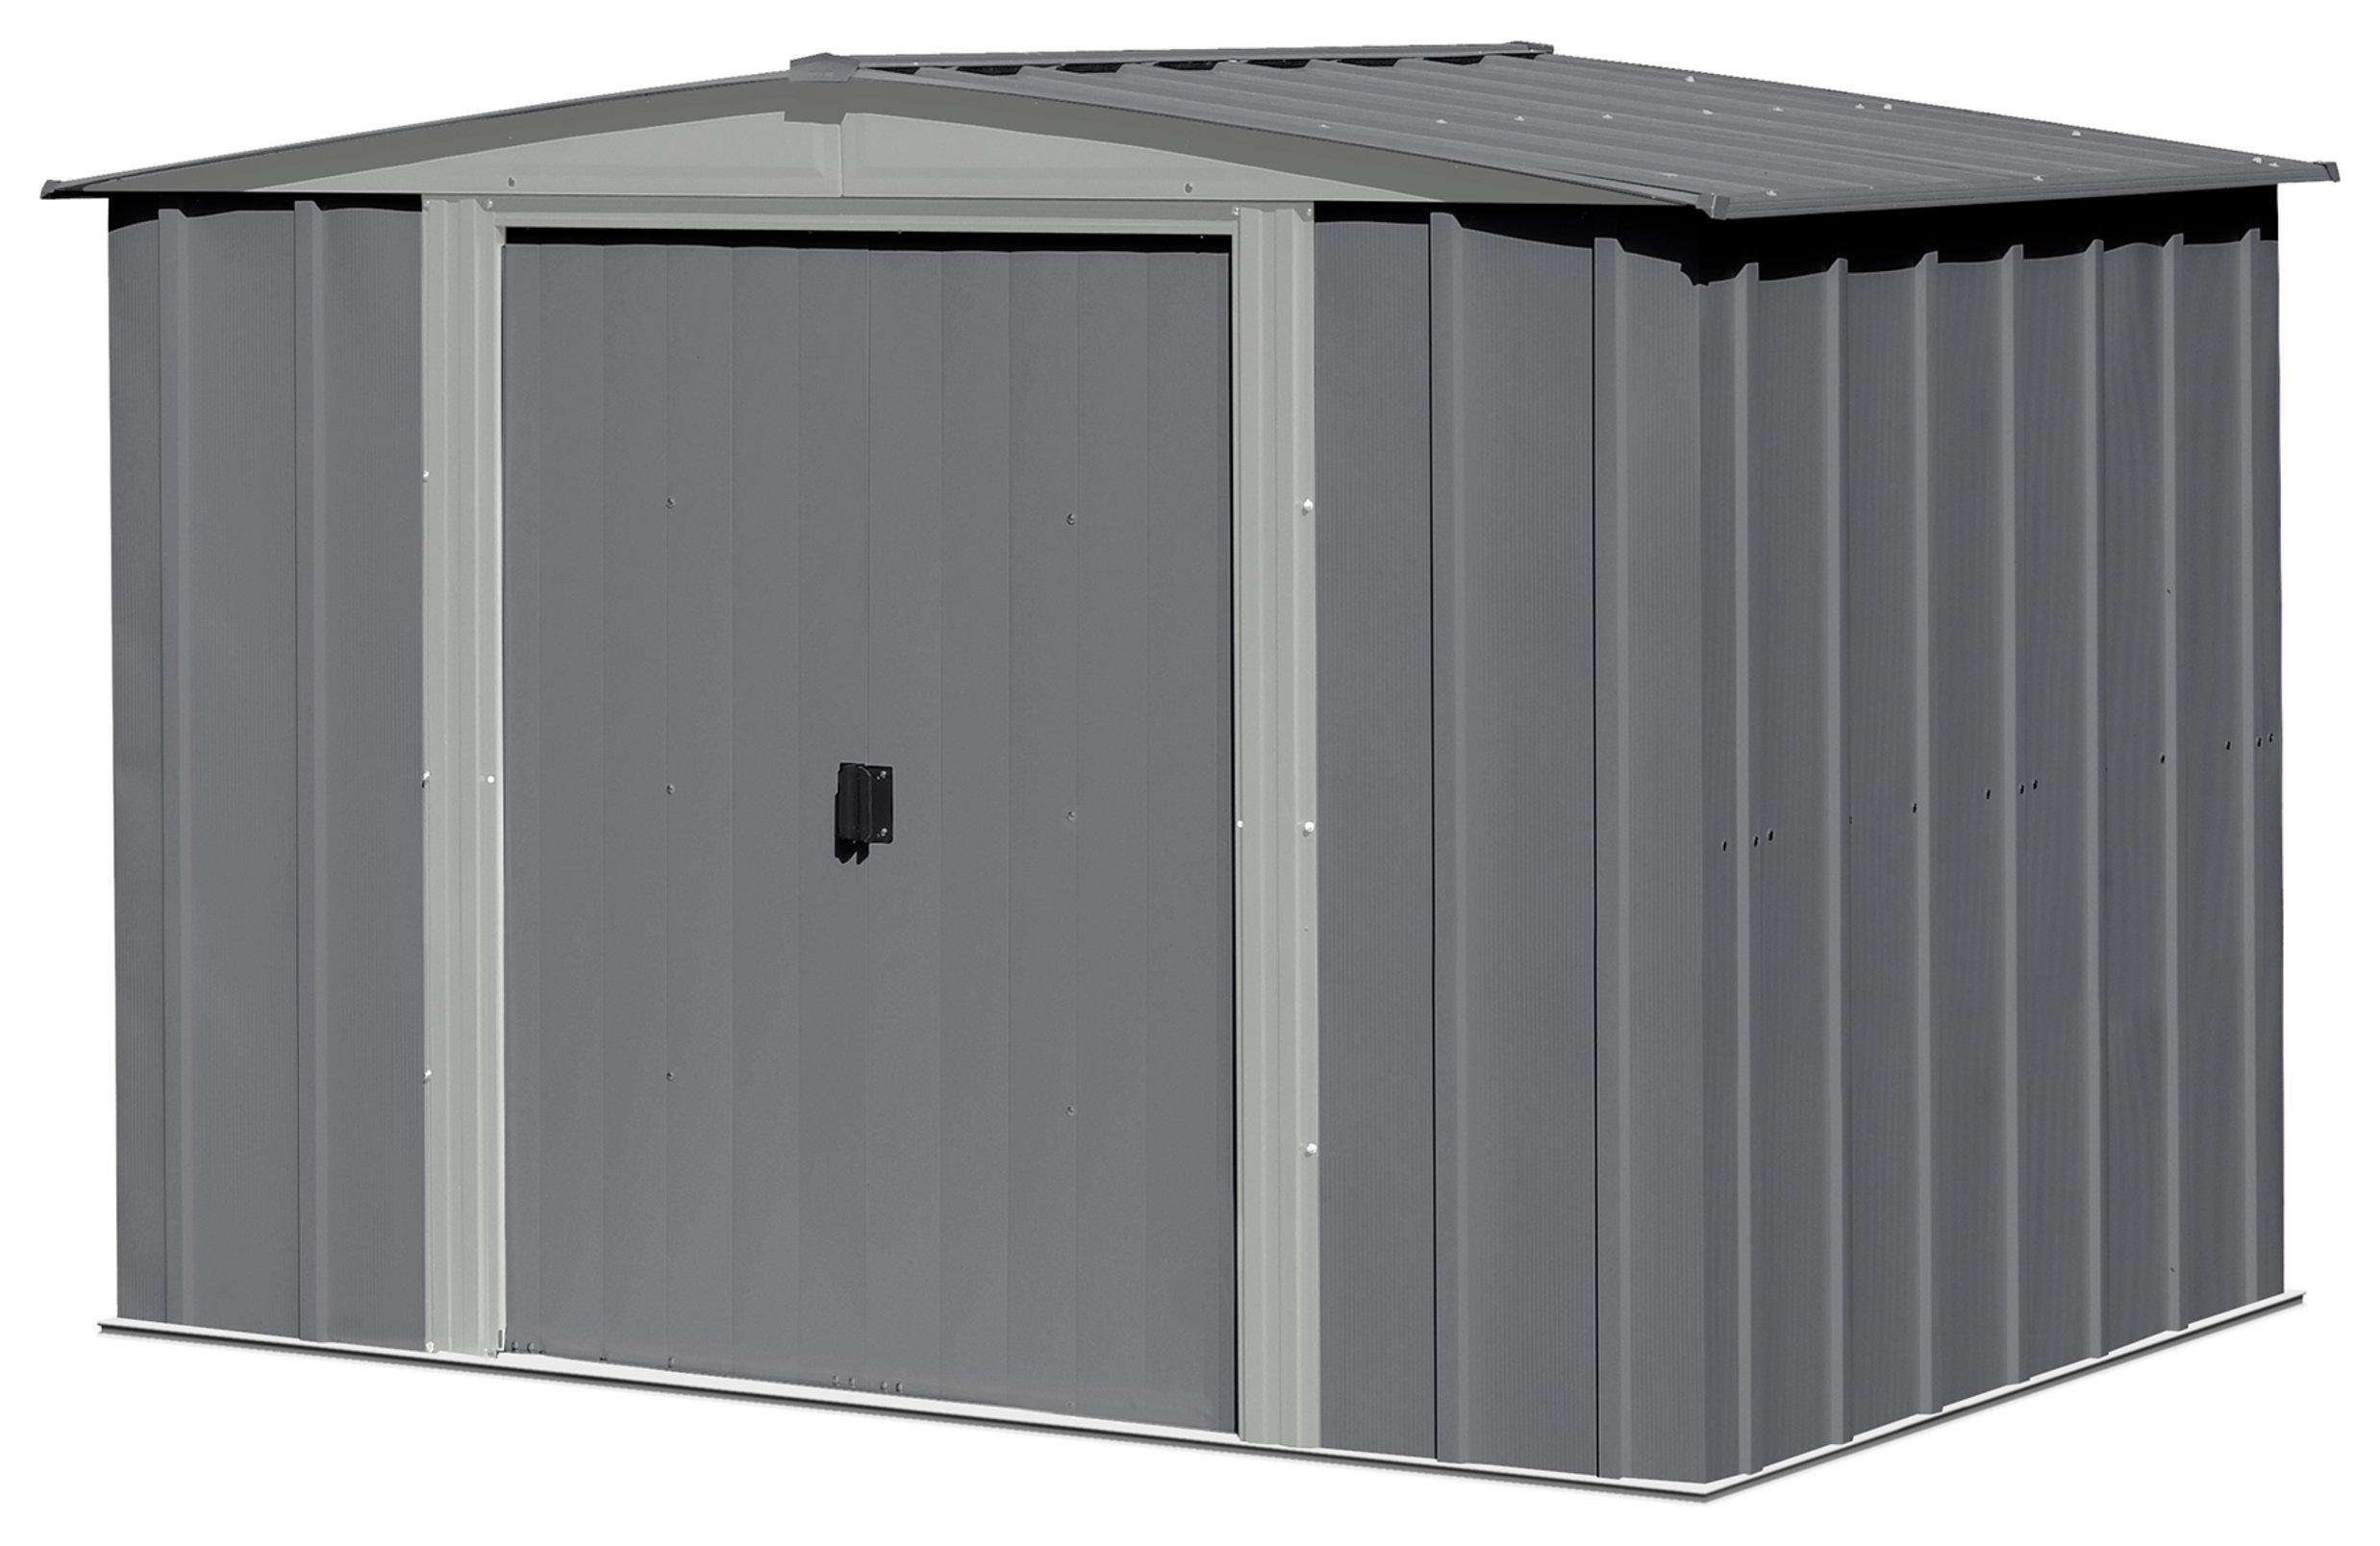 Image of Arrow Steel Garden Shed Dark Grey - 8 x 6ft